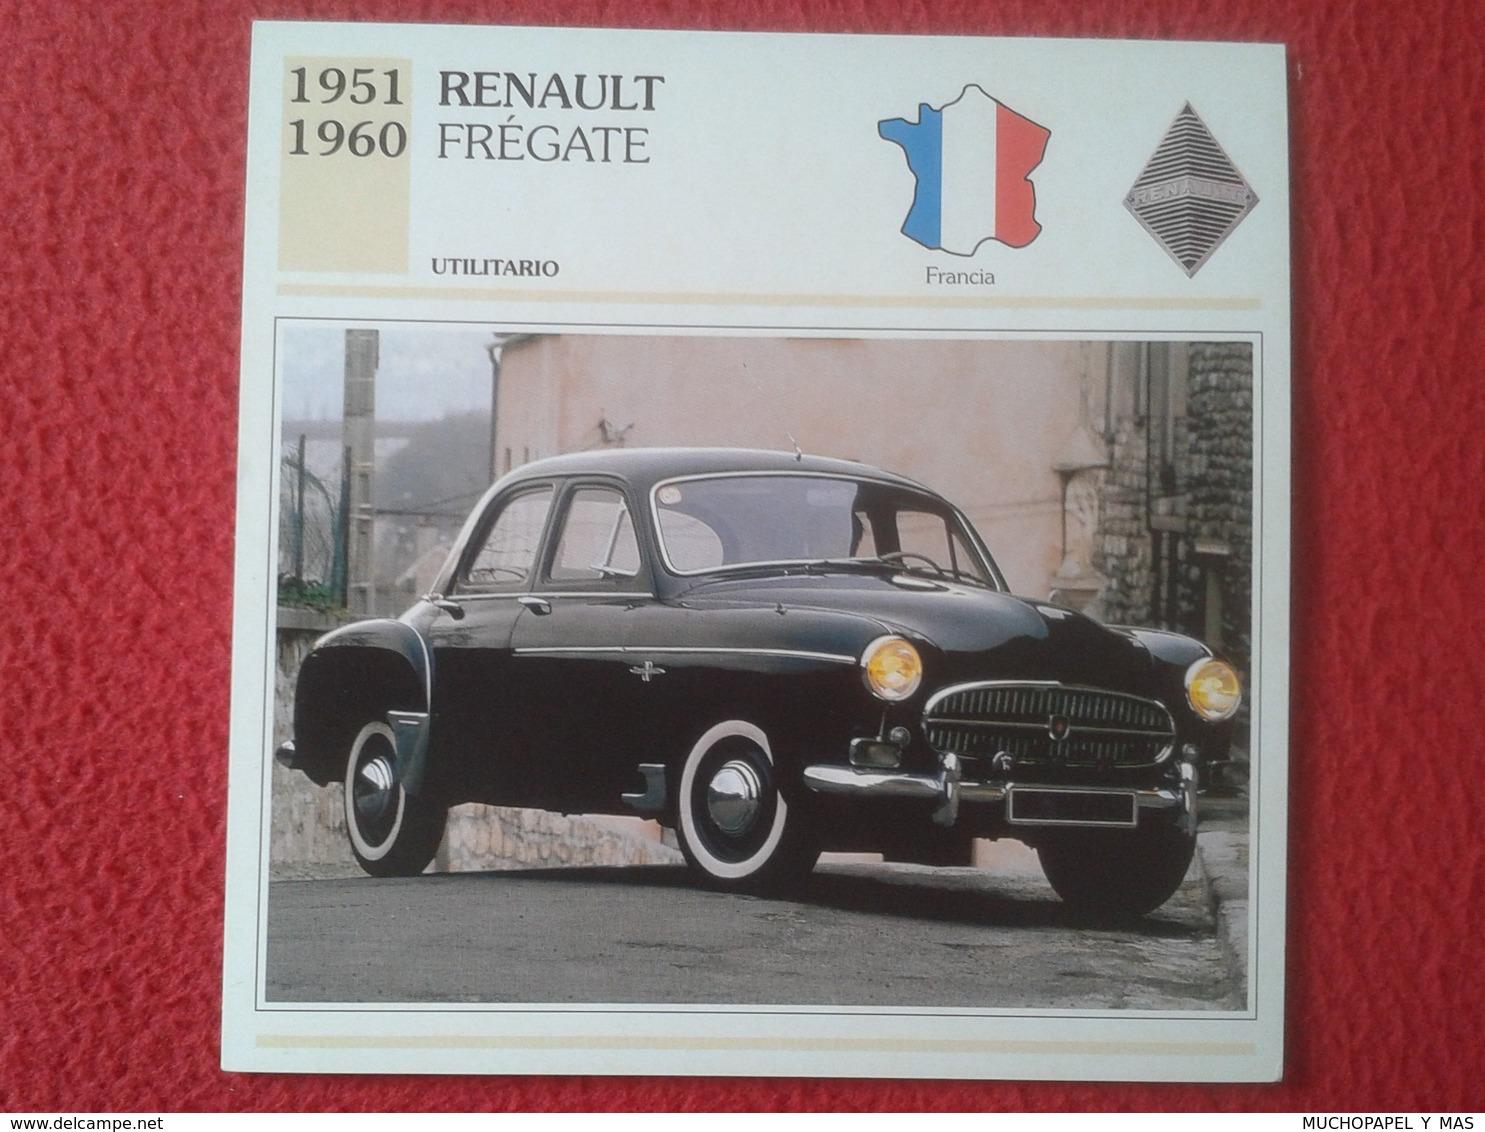 FICHA TÉCNICA DATA TECNICAL SHEET FICHE TECHNIQUE AUTO COCHE CAR VOITURE 1951 1960 RENAULT FRÉGATE FRANCIA FRANCE CARS V - Coches